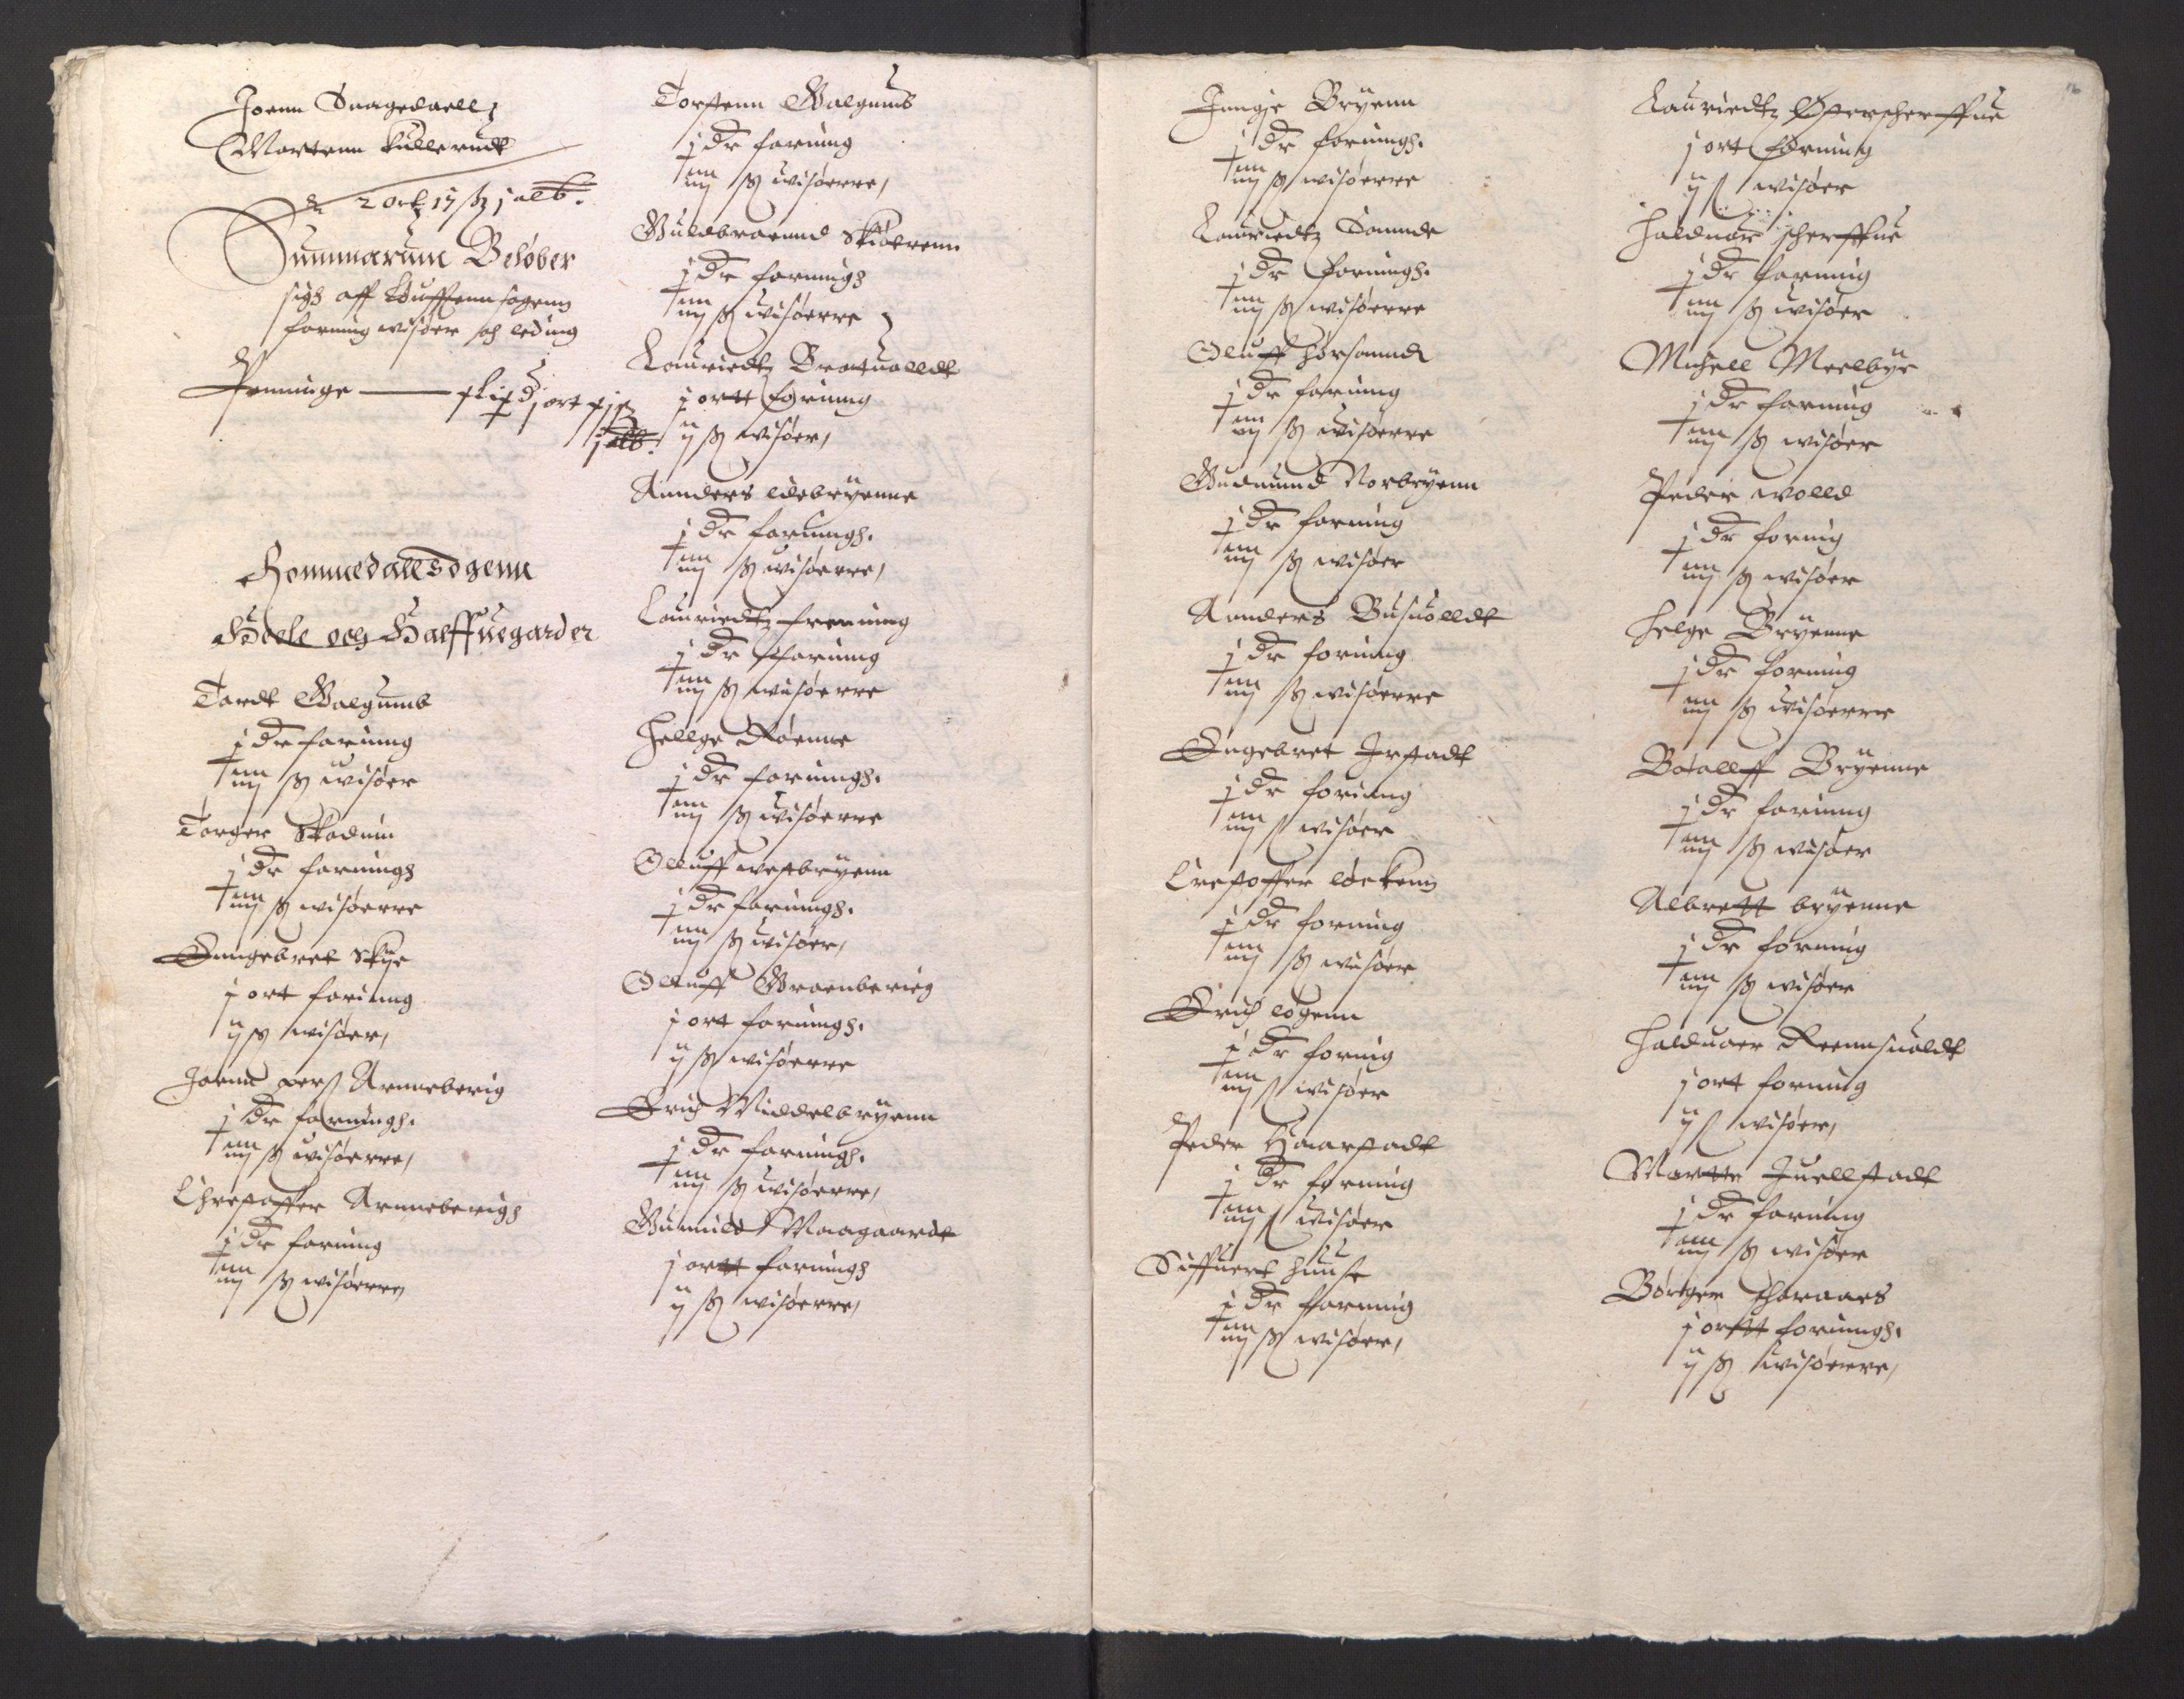 RA, Stattholderembetet 1572-1771, Ek/L0001: Jordebøker før 1624 og til utligning av garnisonsskatt 1624-1626:, 1624-1625, s. 57